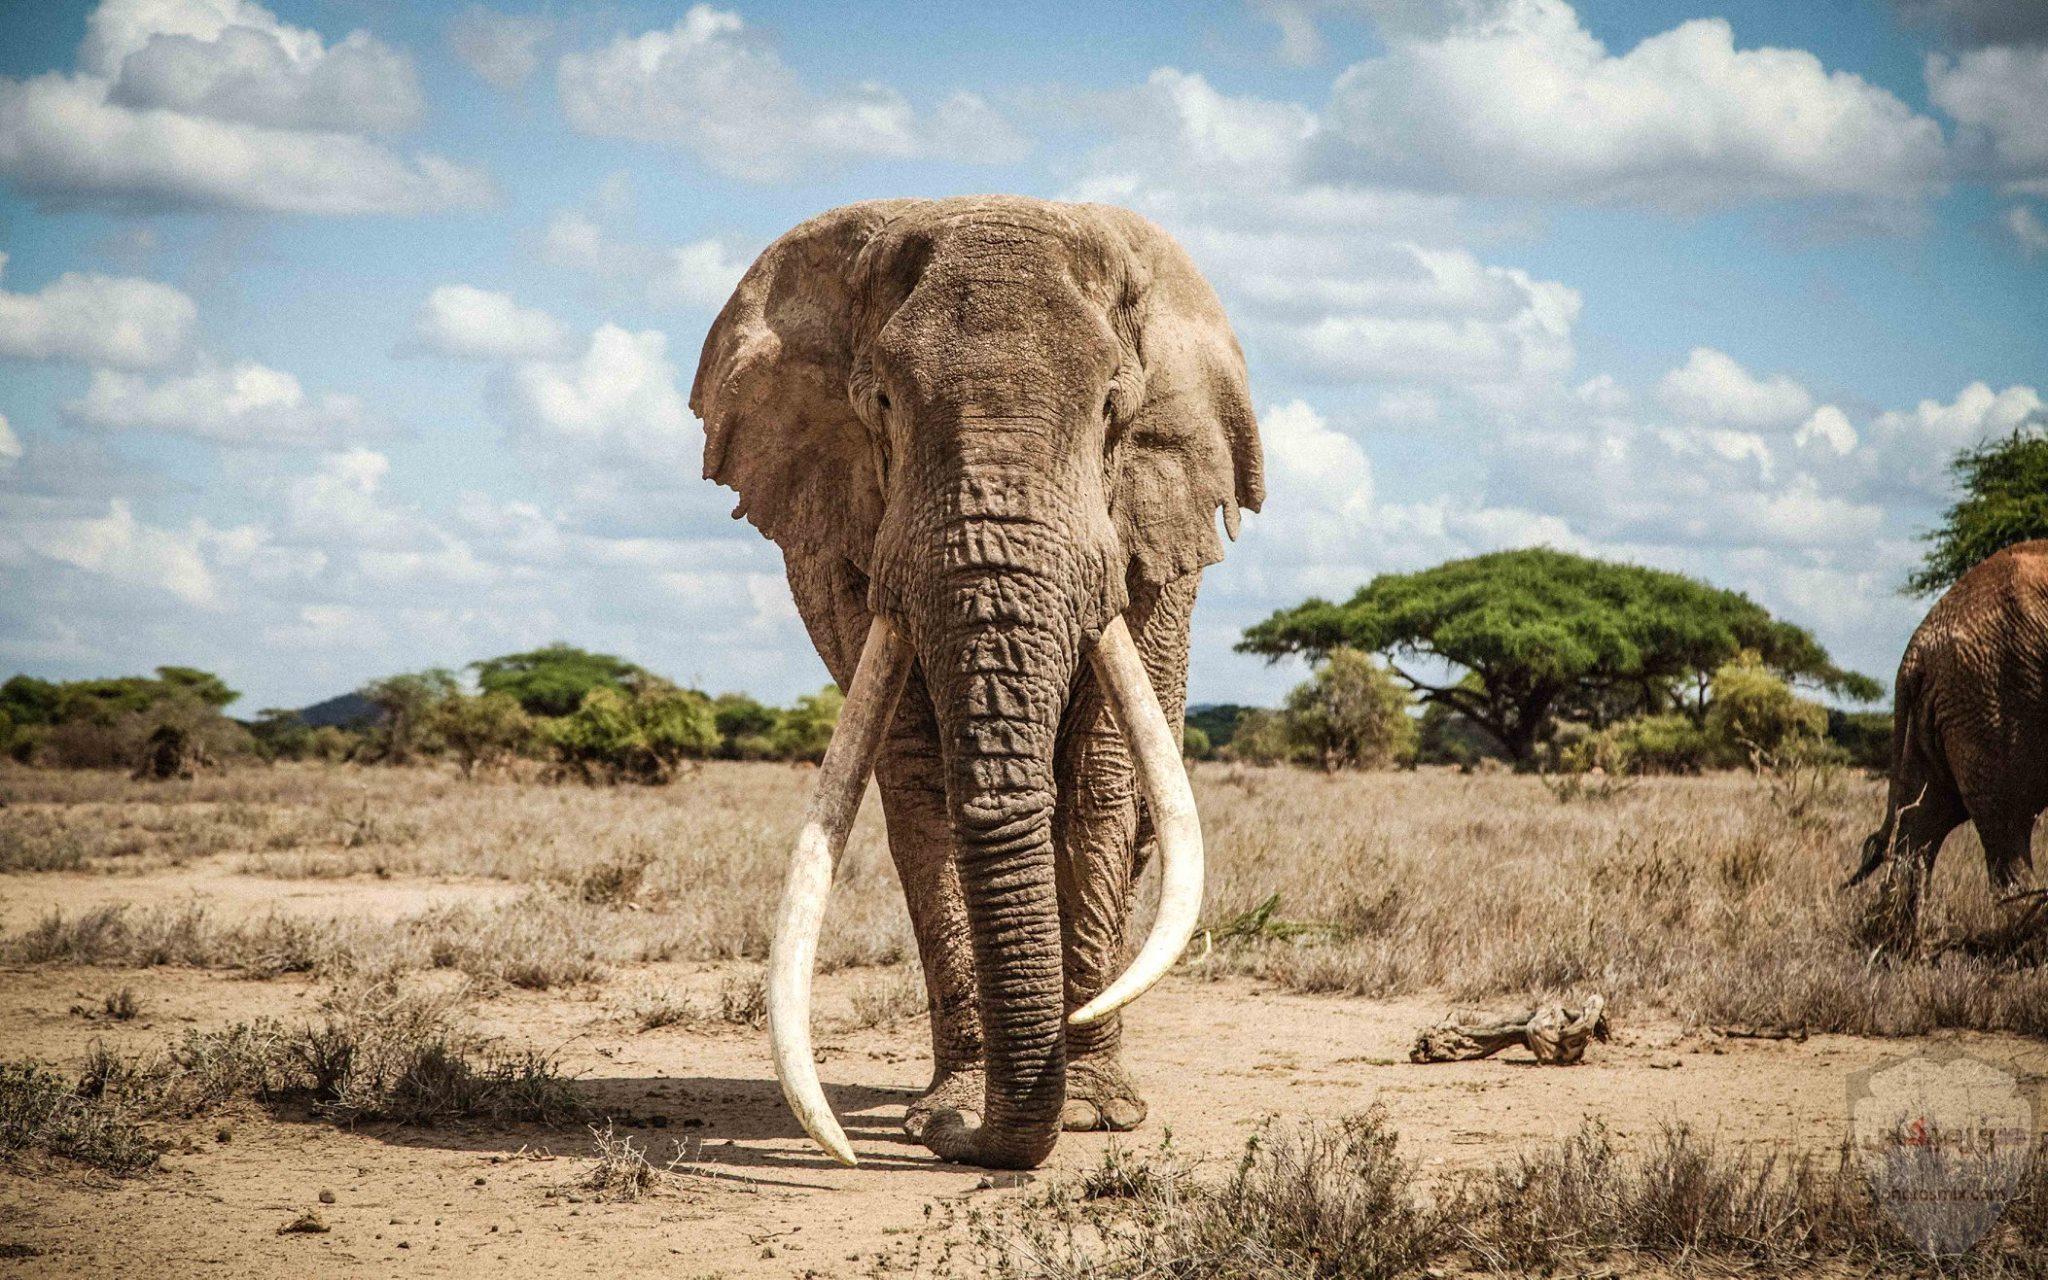 صور افيال أجمل صور فيل 2020 8